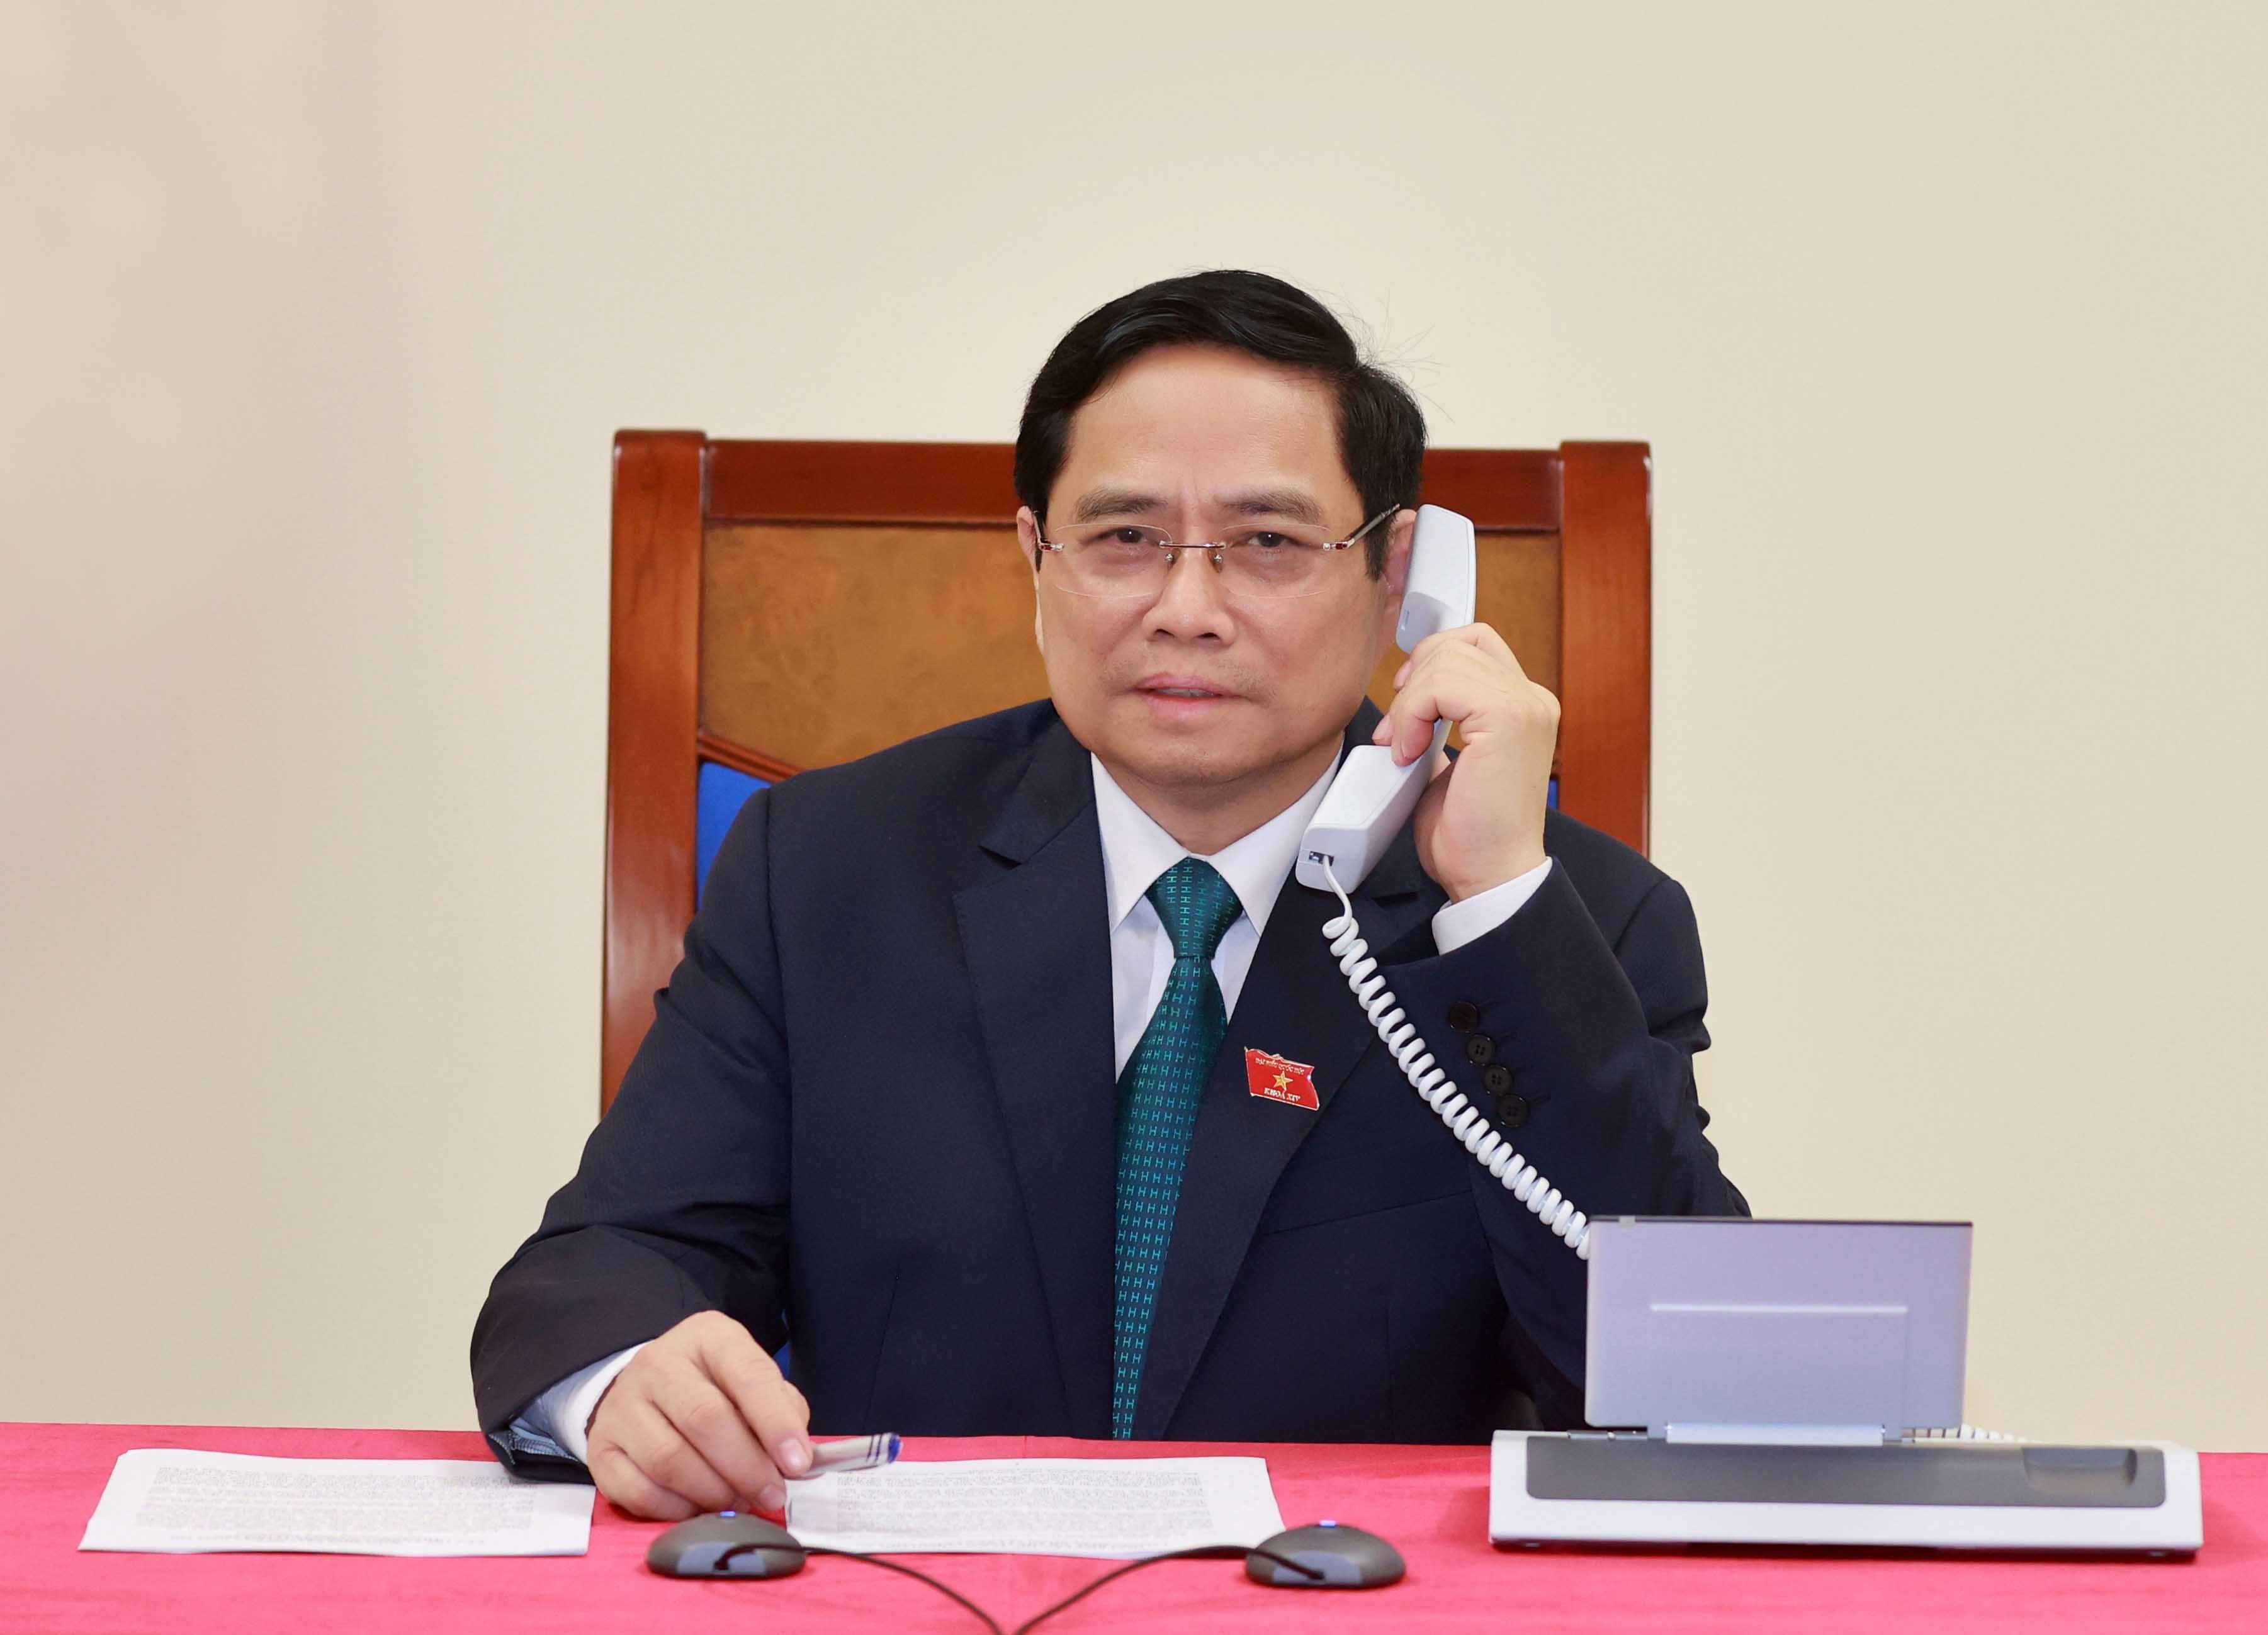 Cuộc điện đàm đầu tiên của tân Thủ tướng Phạm Minh Chính